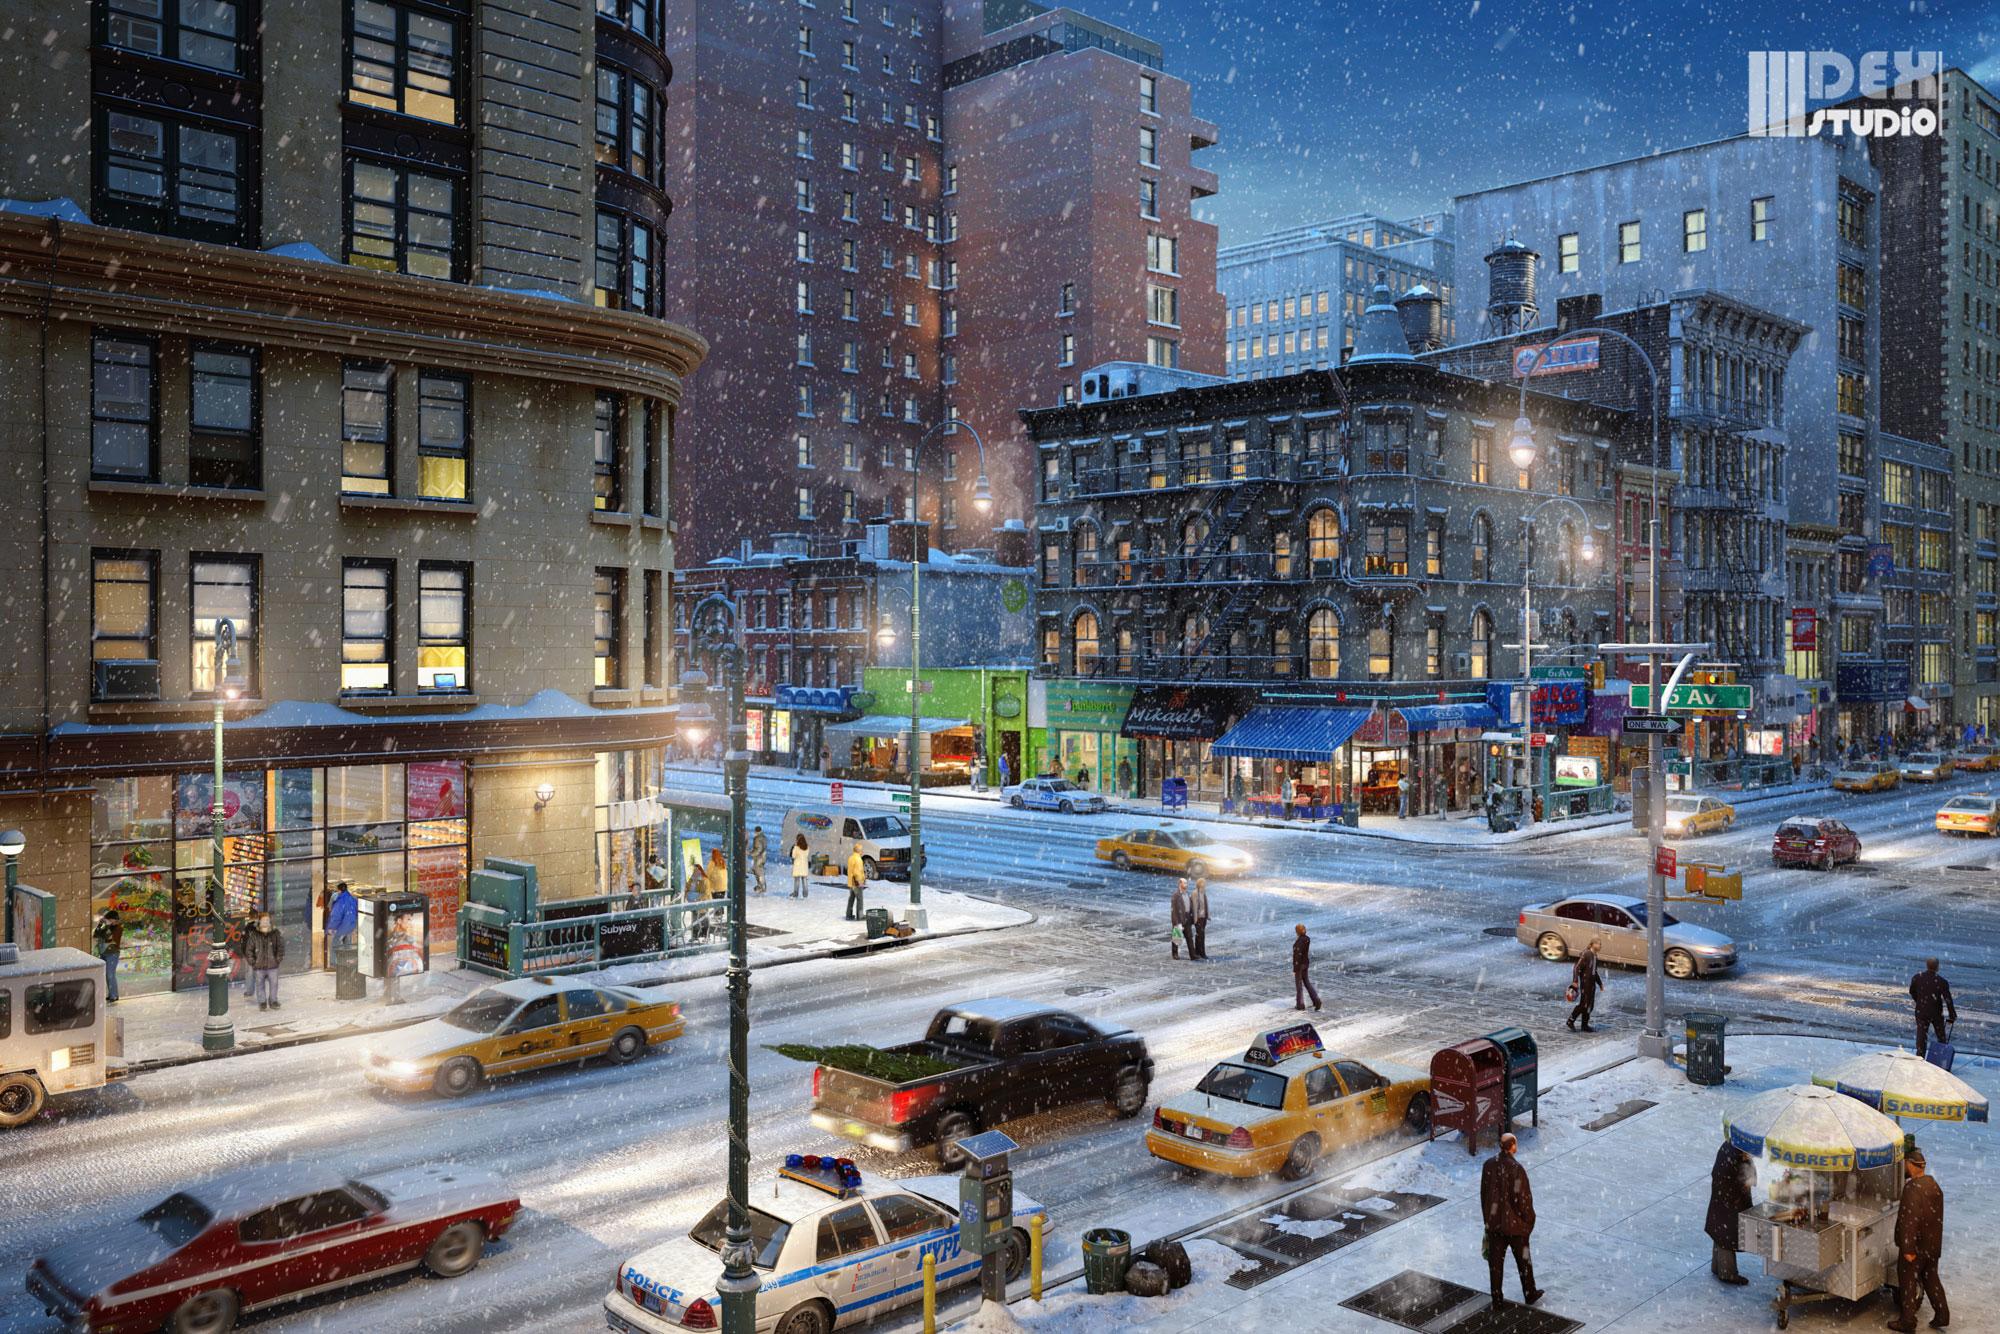 egor-goray-winterNight-NY-Intersection